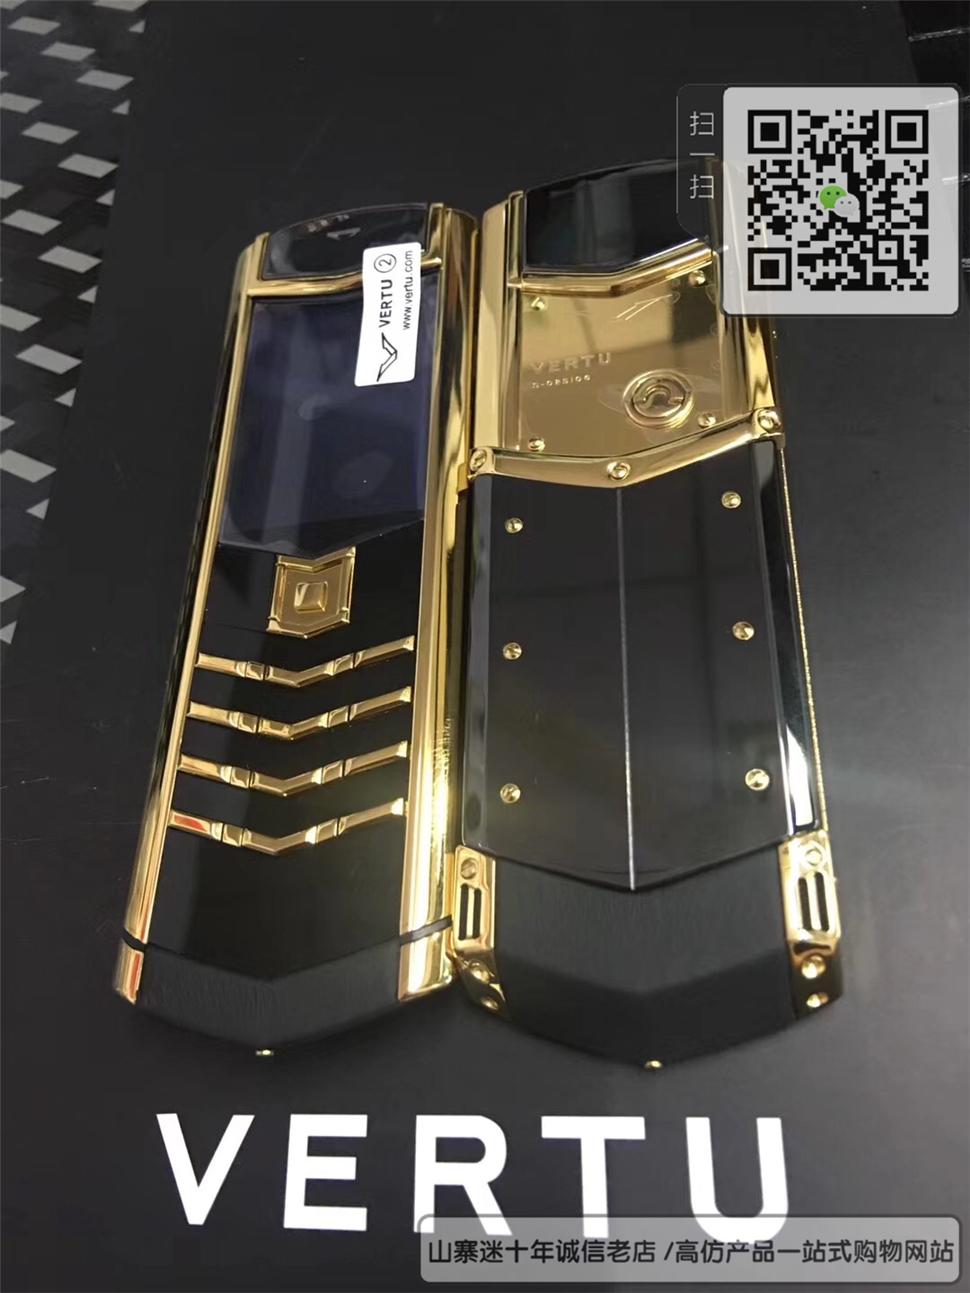 高仿威图VERTU直板手机 - 黑色+黄金色 - 陶瓷-隐藏键盘☼